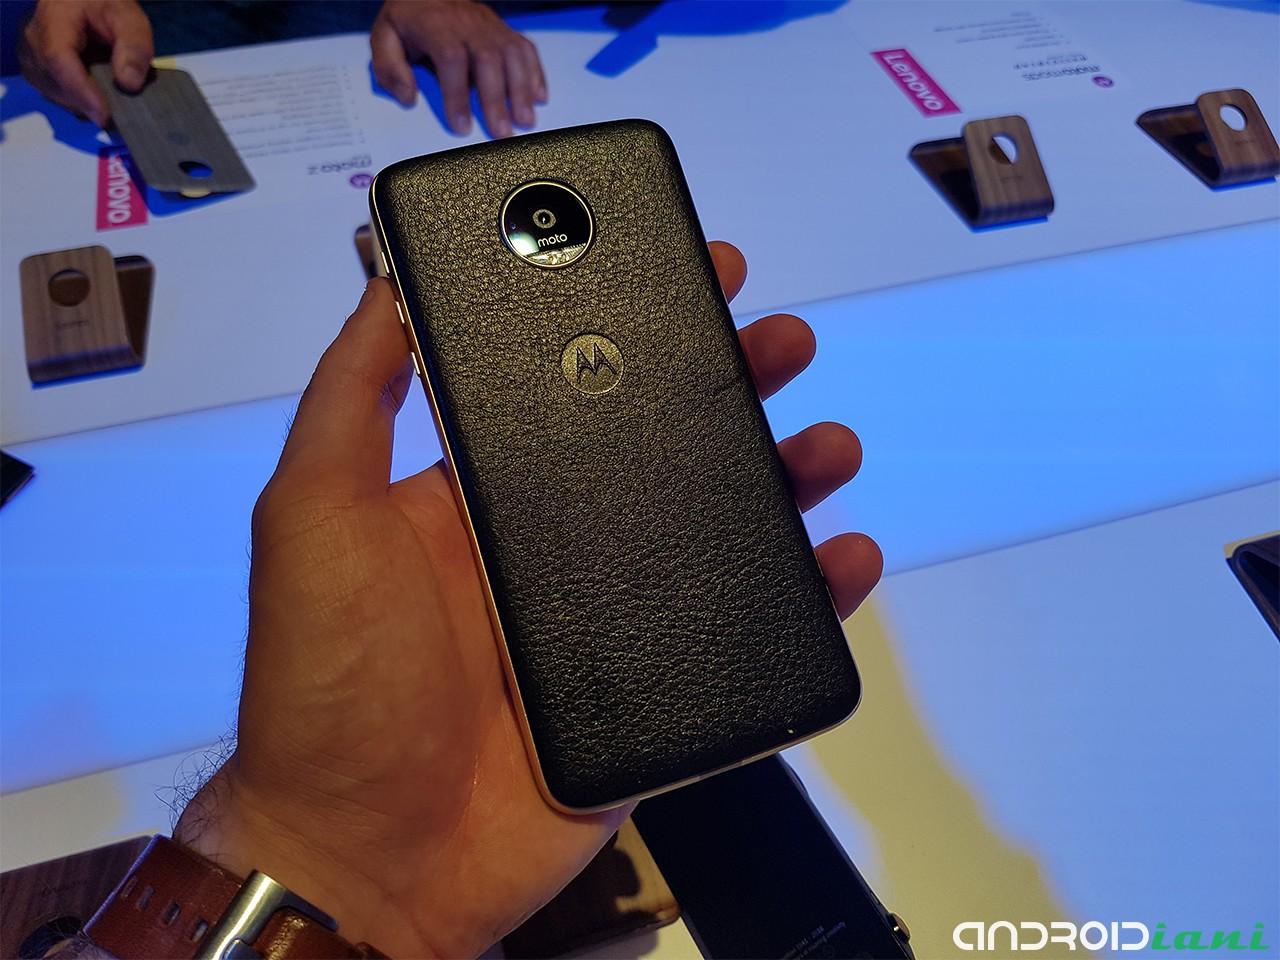 Moto Z e Moto G4 riceveranno Nougat nel Q4 2016